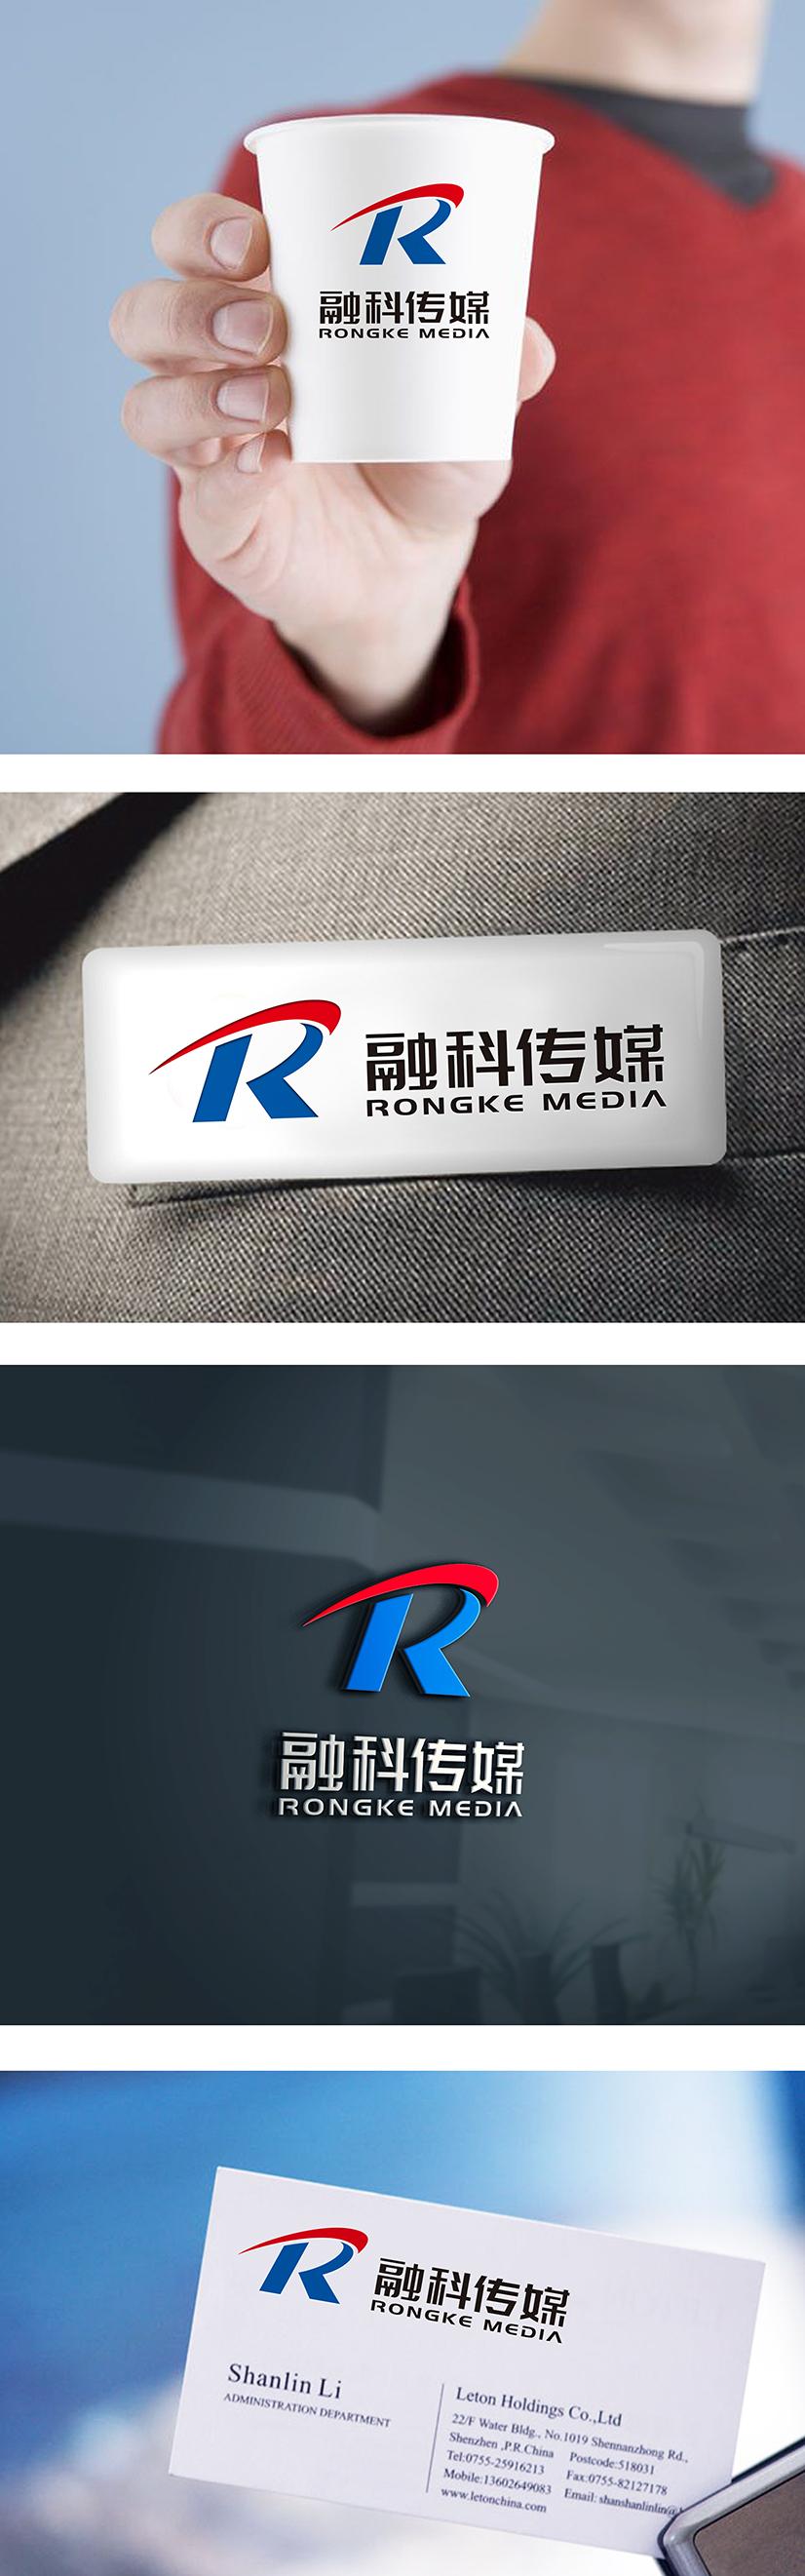 广告传媒公司LOGO设计(4天)_3034449_k68威客网